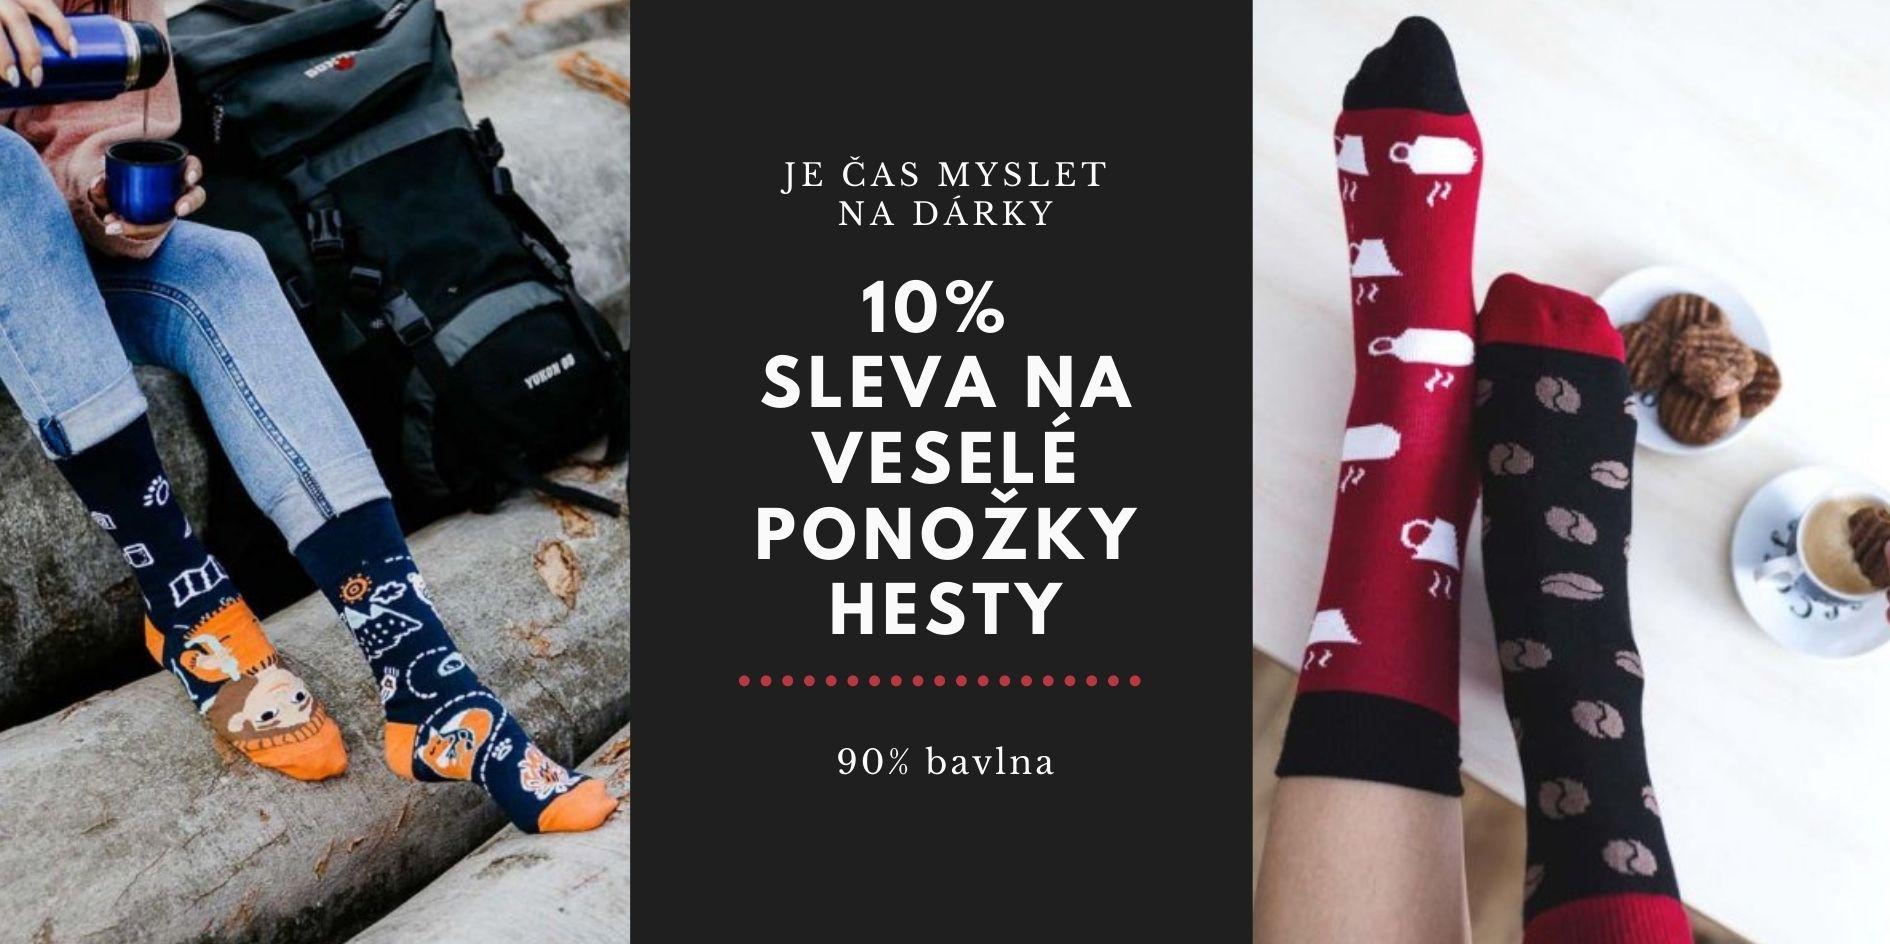 10% sleva na veselé ponožky HESTY